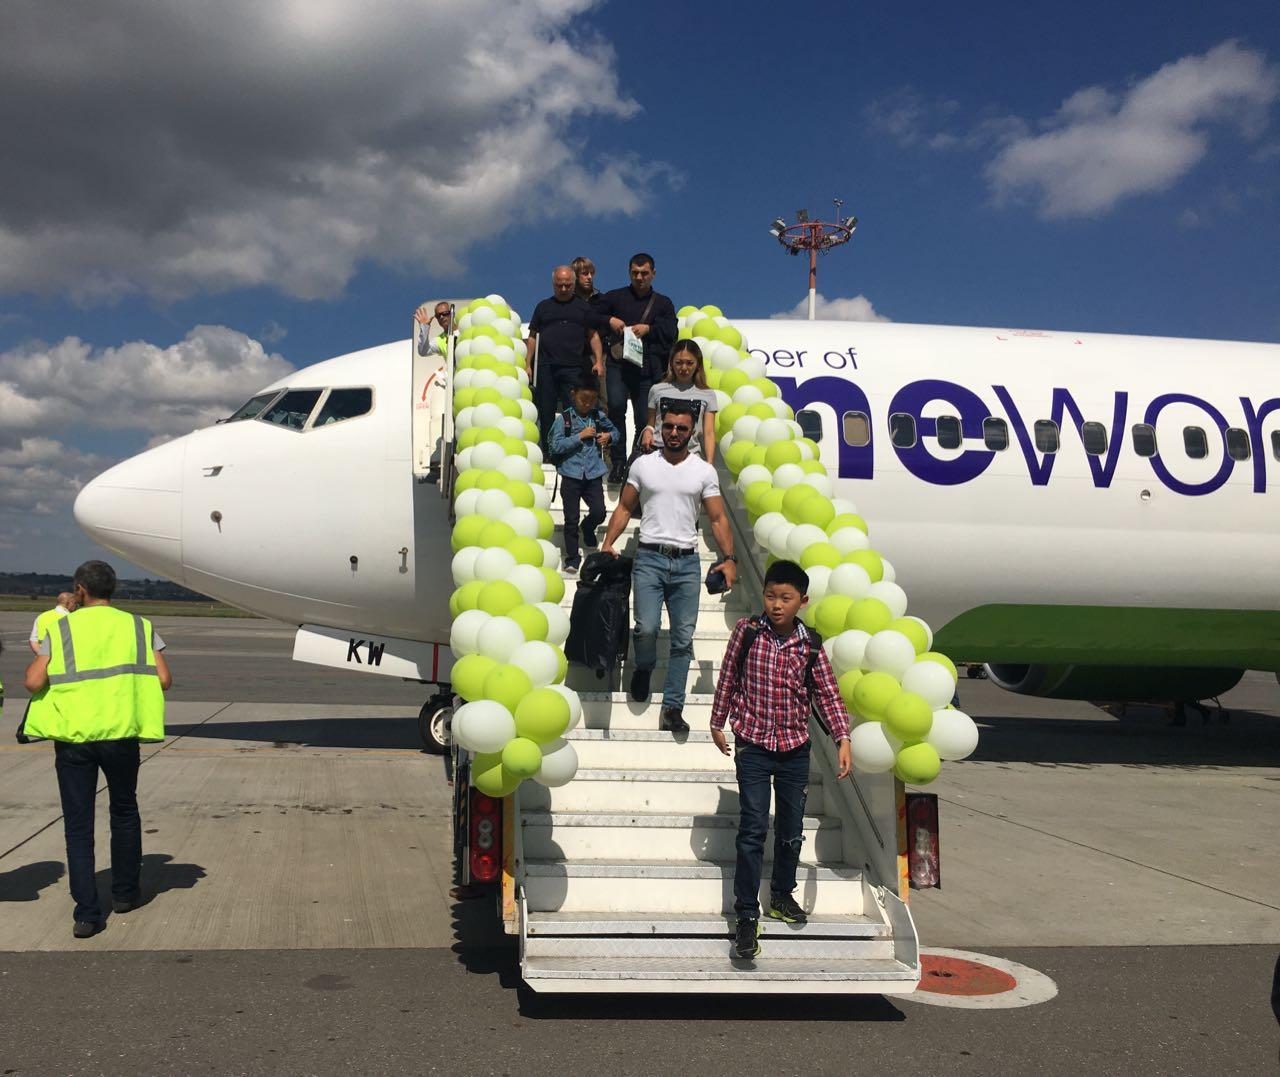 Одна из ведущих авиакомпаний России празднует юбилей полетов во Владикавказ